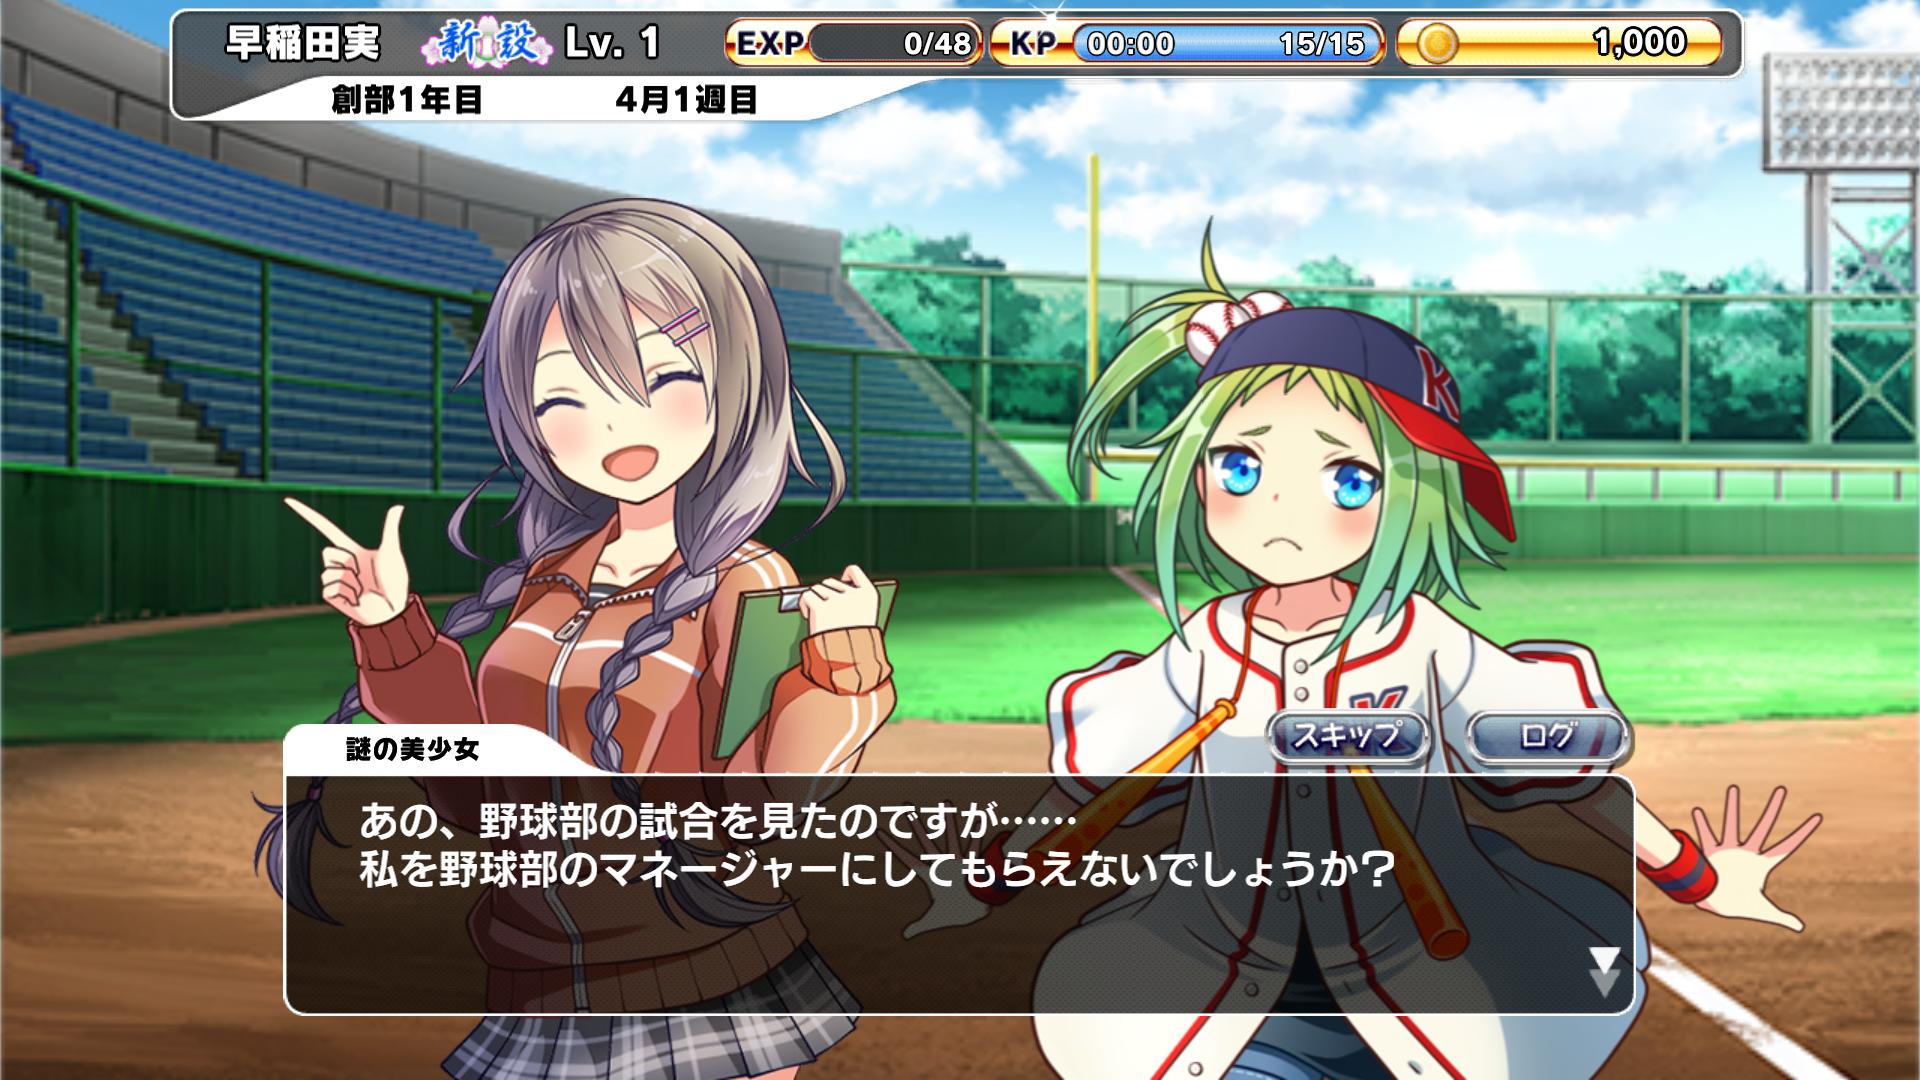 androidアプリ 甲子園物語 -ドラマチック高校野球ゲーム-攻略スクリーンショット2